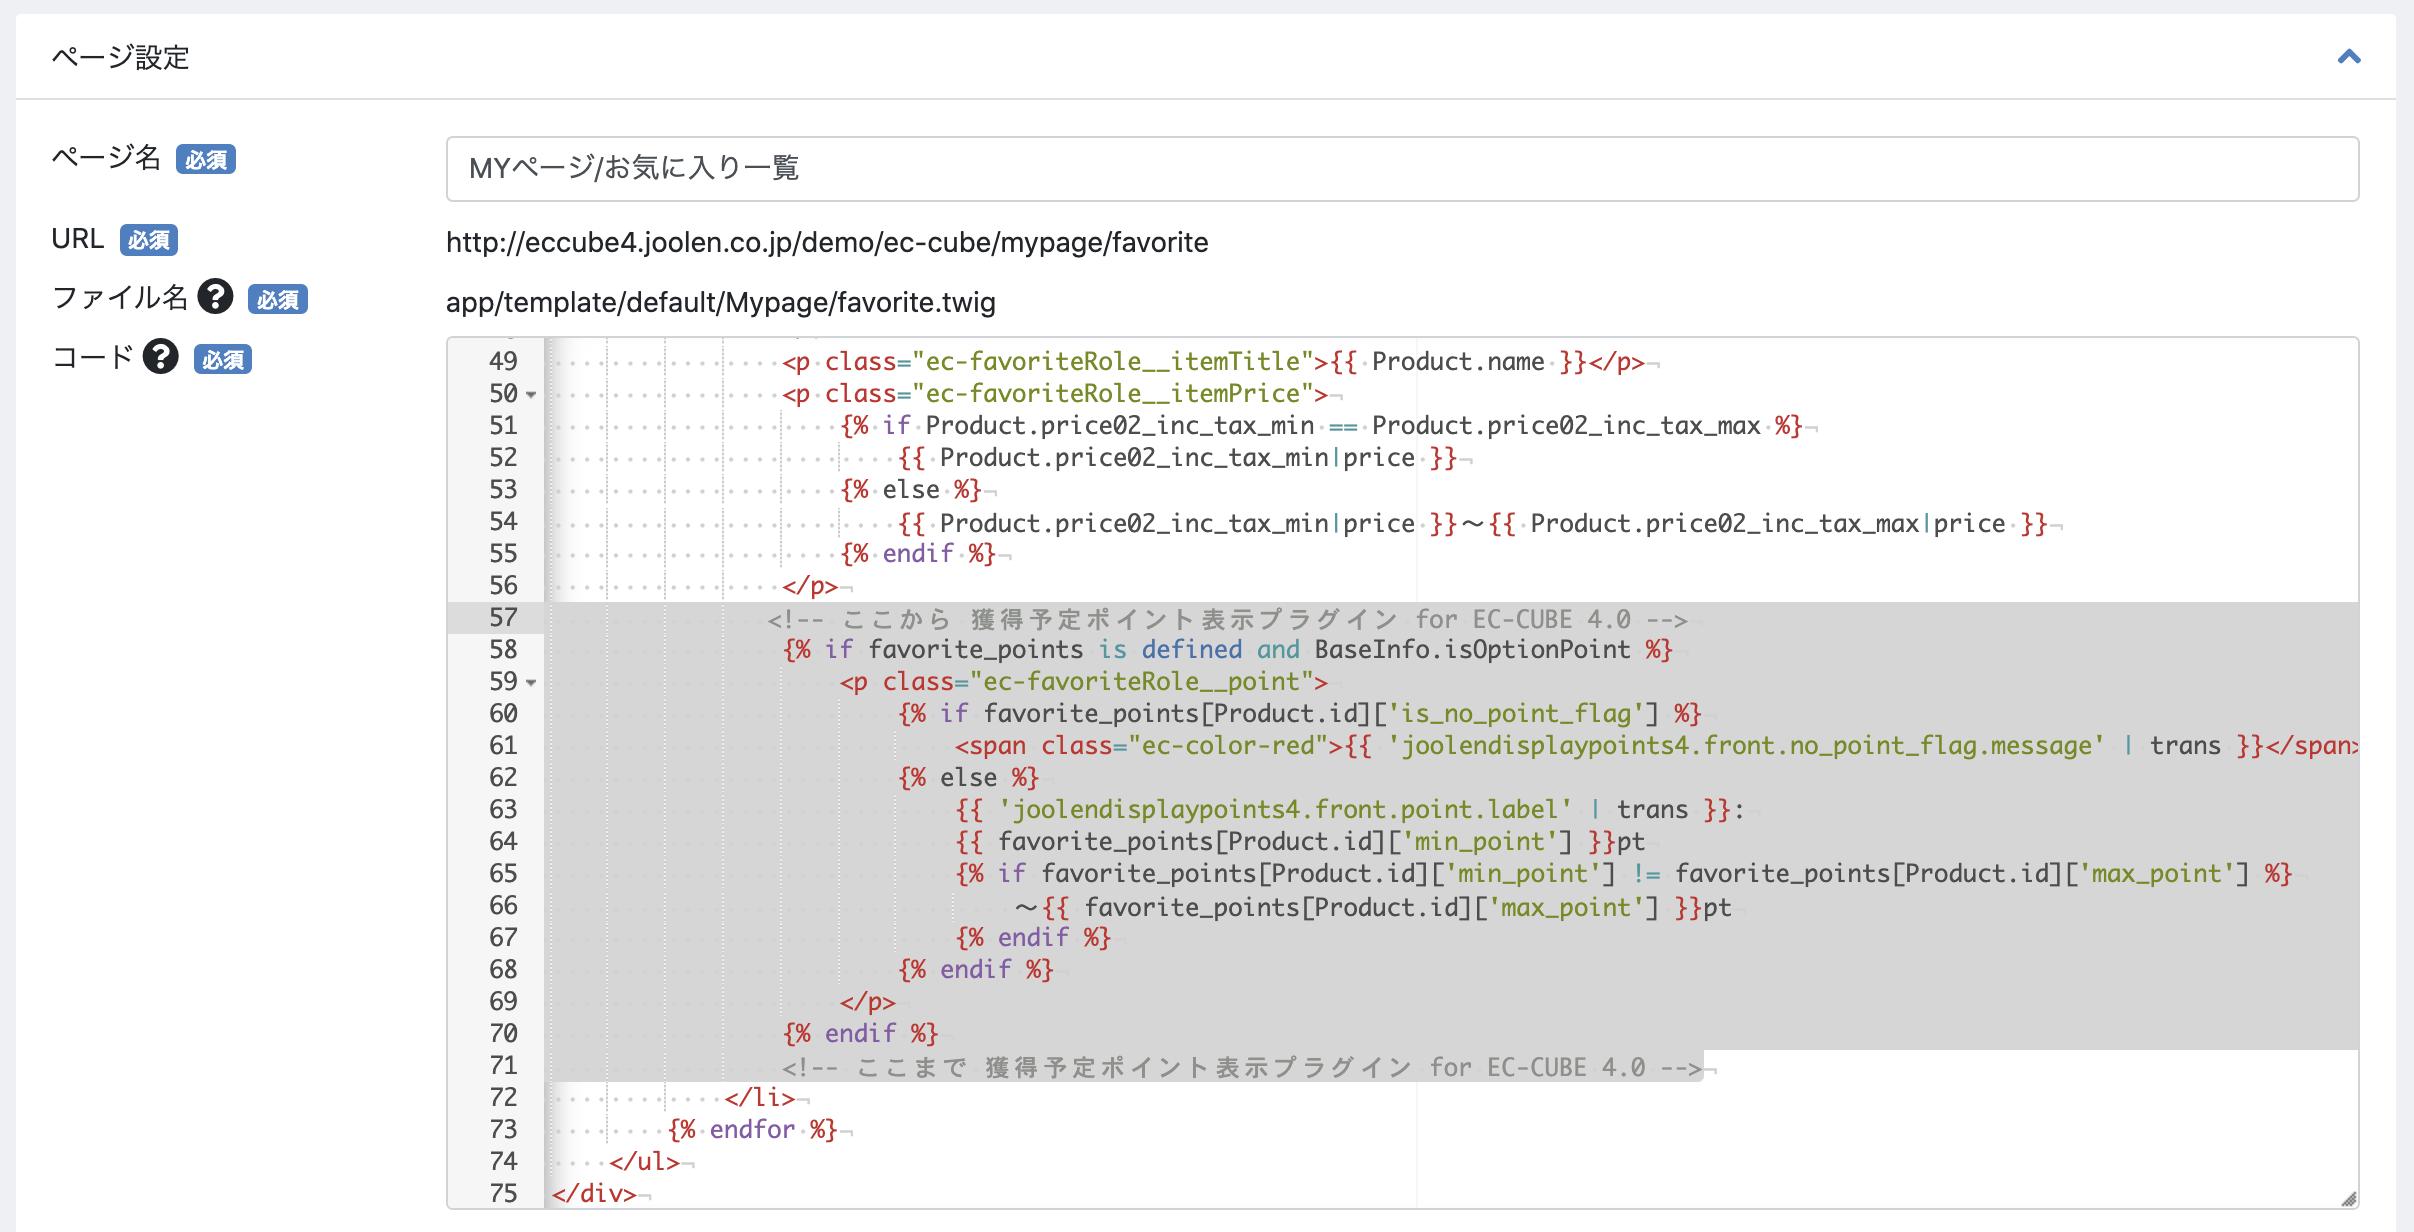 獲得予定ポイント表示プラグイン for EC-CUBE 4.0 for EC-CUBE 4.0